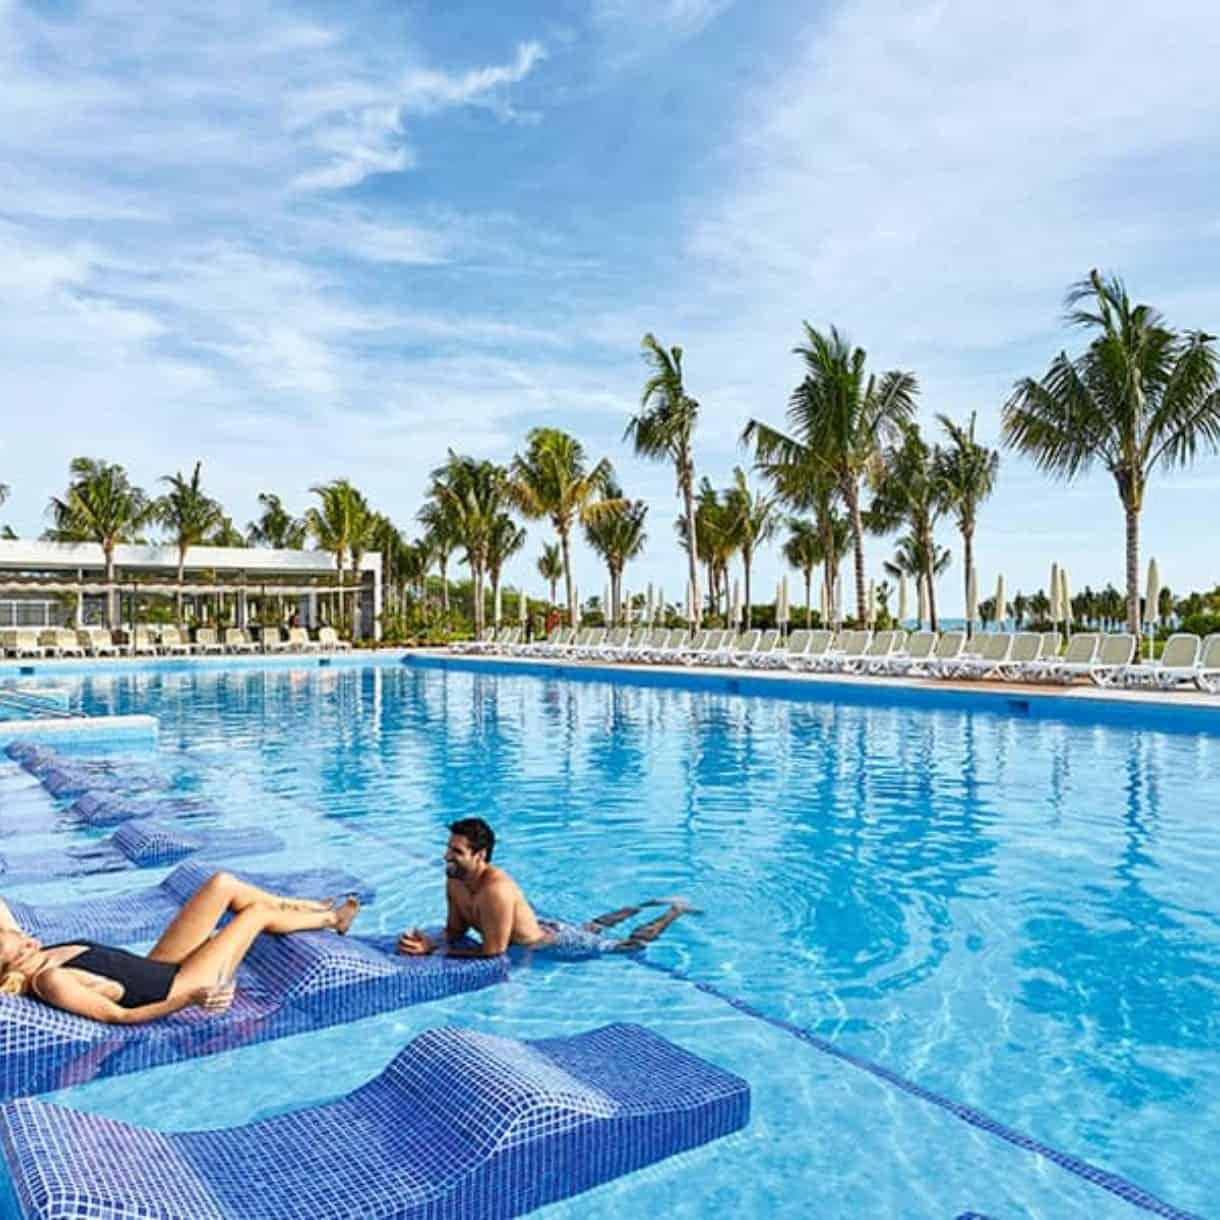 Oferta Cancun: Hotel Riu Dunamar Desde $437.190 COP